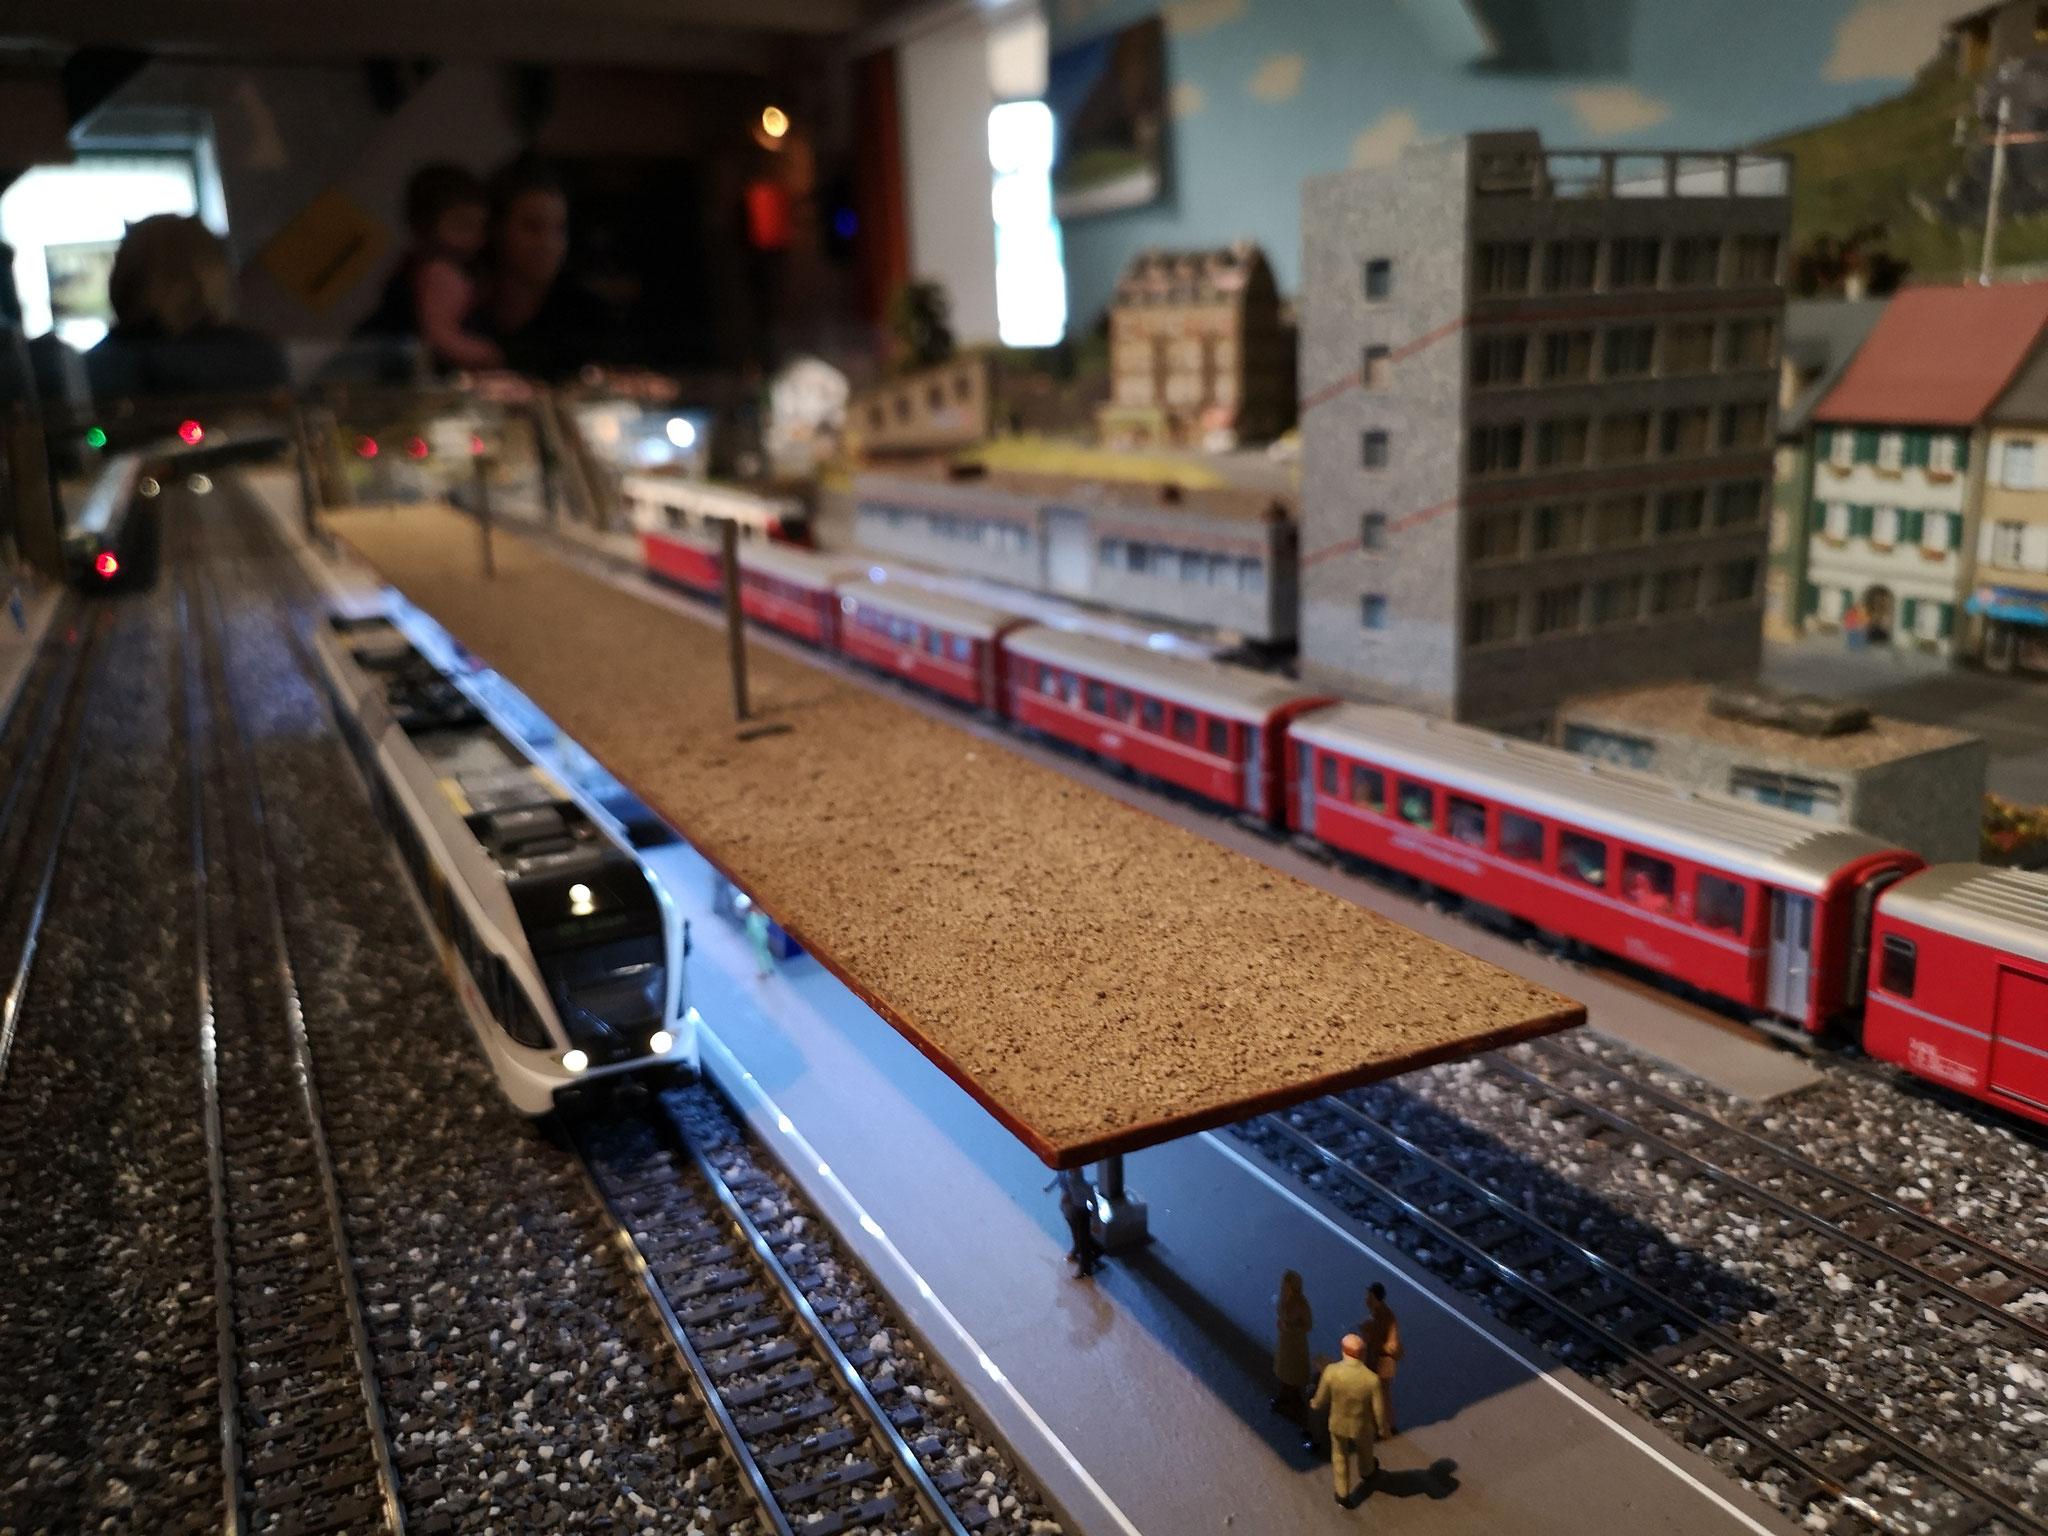 Bahnhof mit kalt - Neonweissen 285mm Stäben beleuchtet